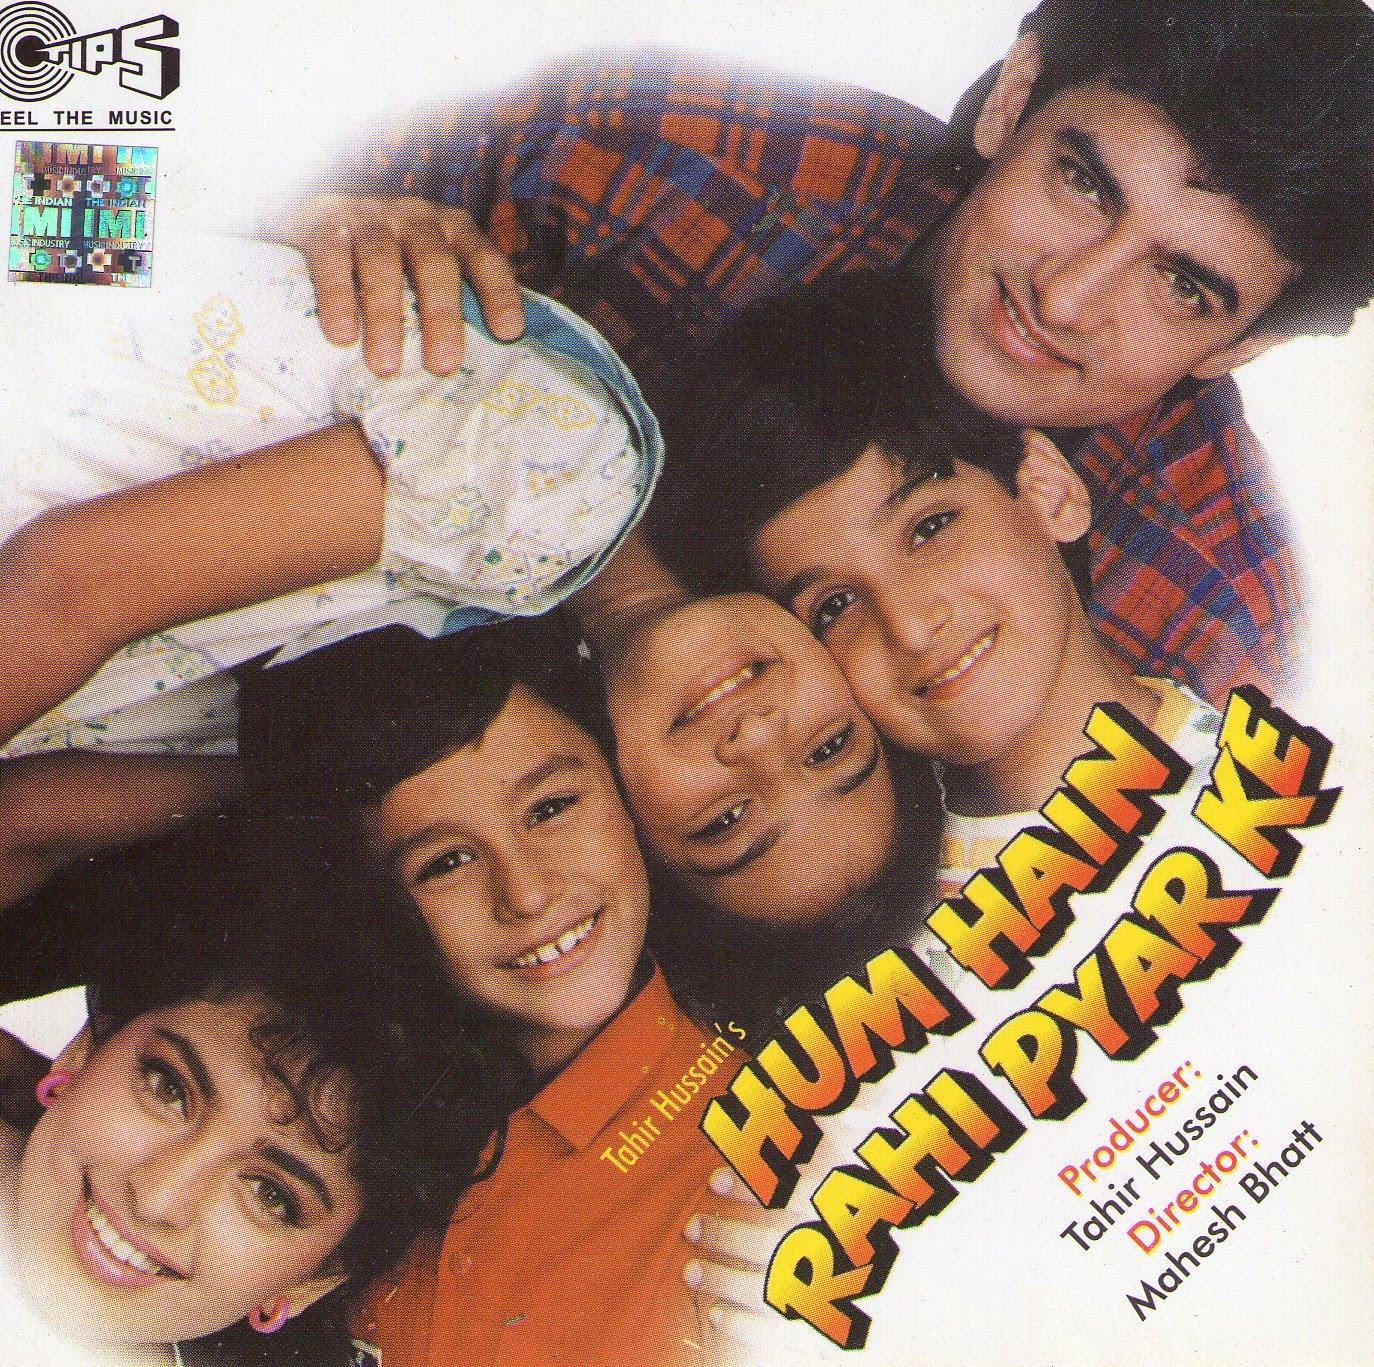 Tu Lare Londi Rahi Song Mp3: Renas.tk Mp3 (TKR): Hum Hain Rahi Pyar Ke [1993-MP3-VBR